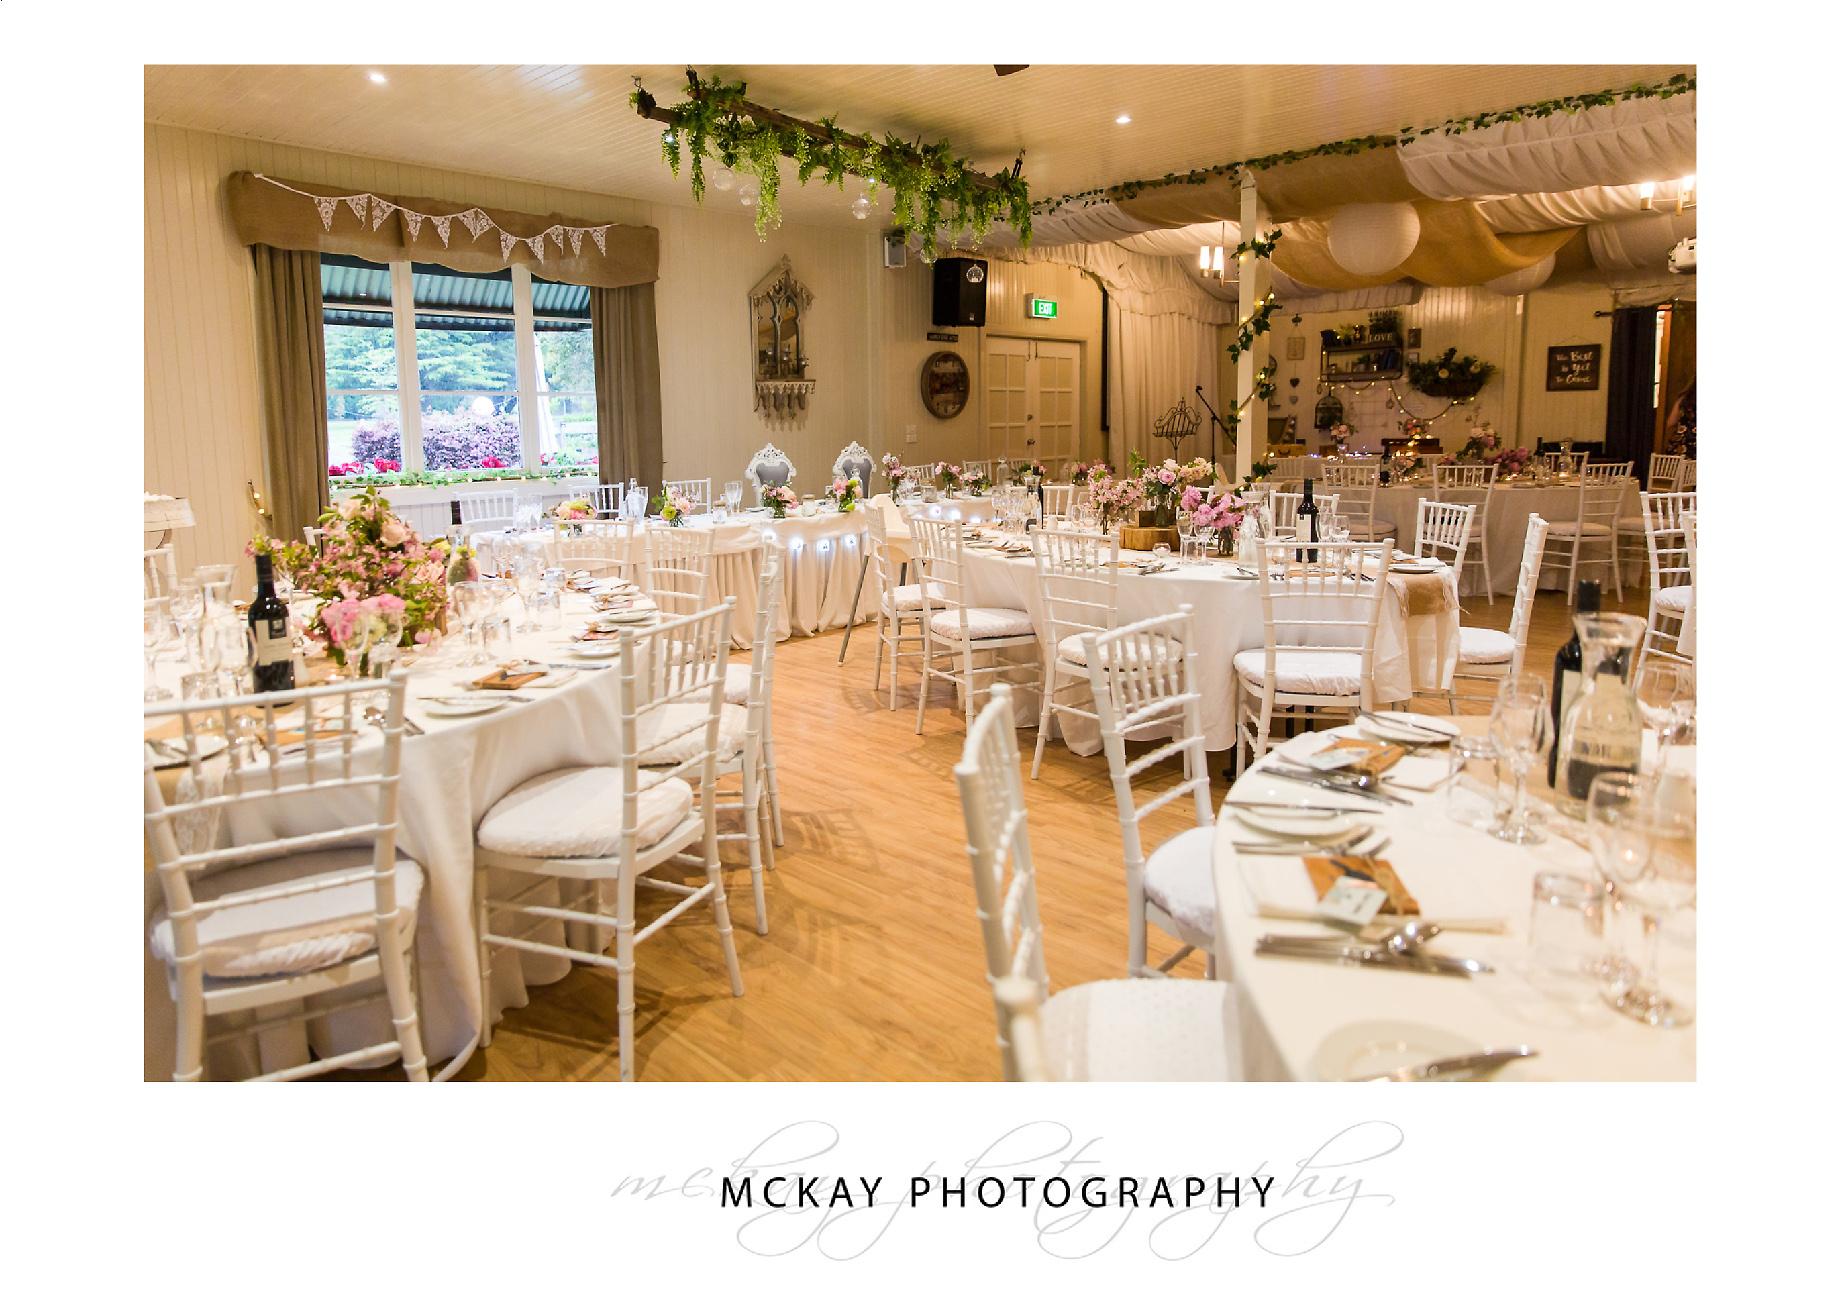 The main reception room at Sylvan Glen